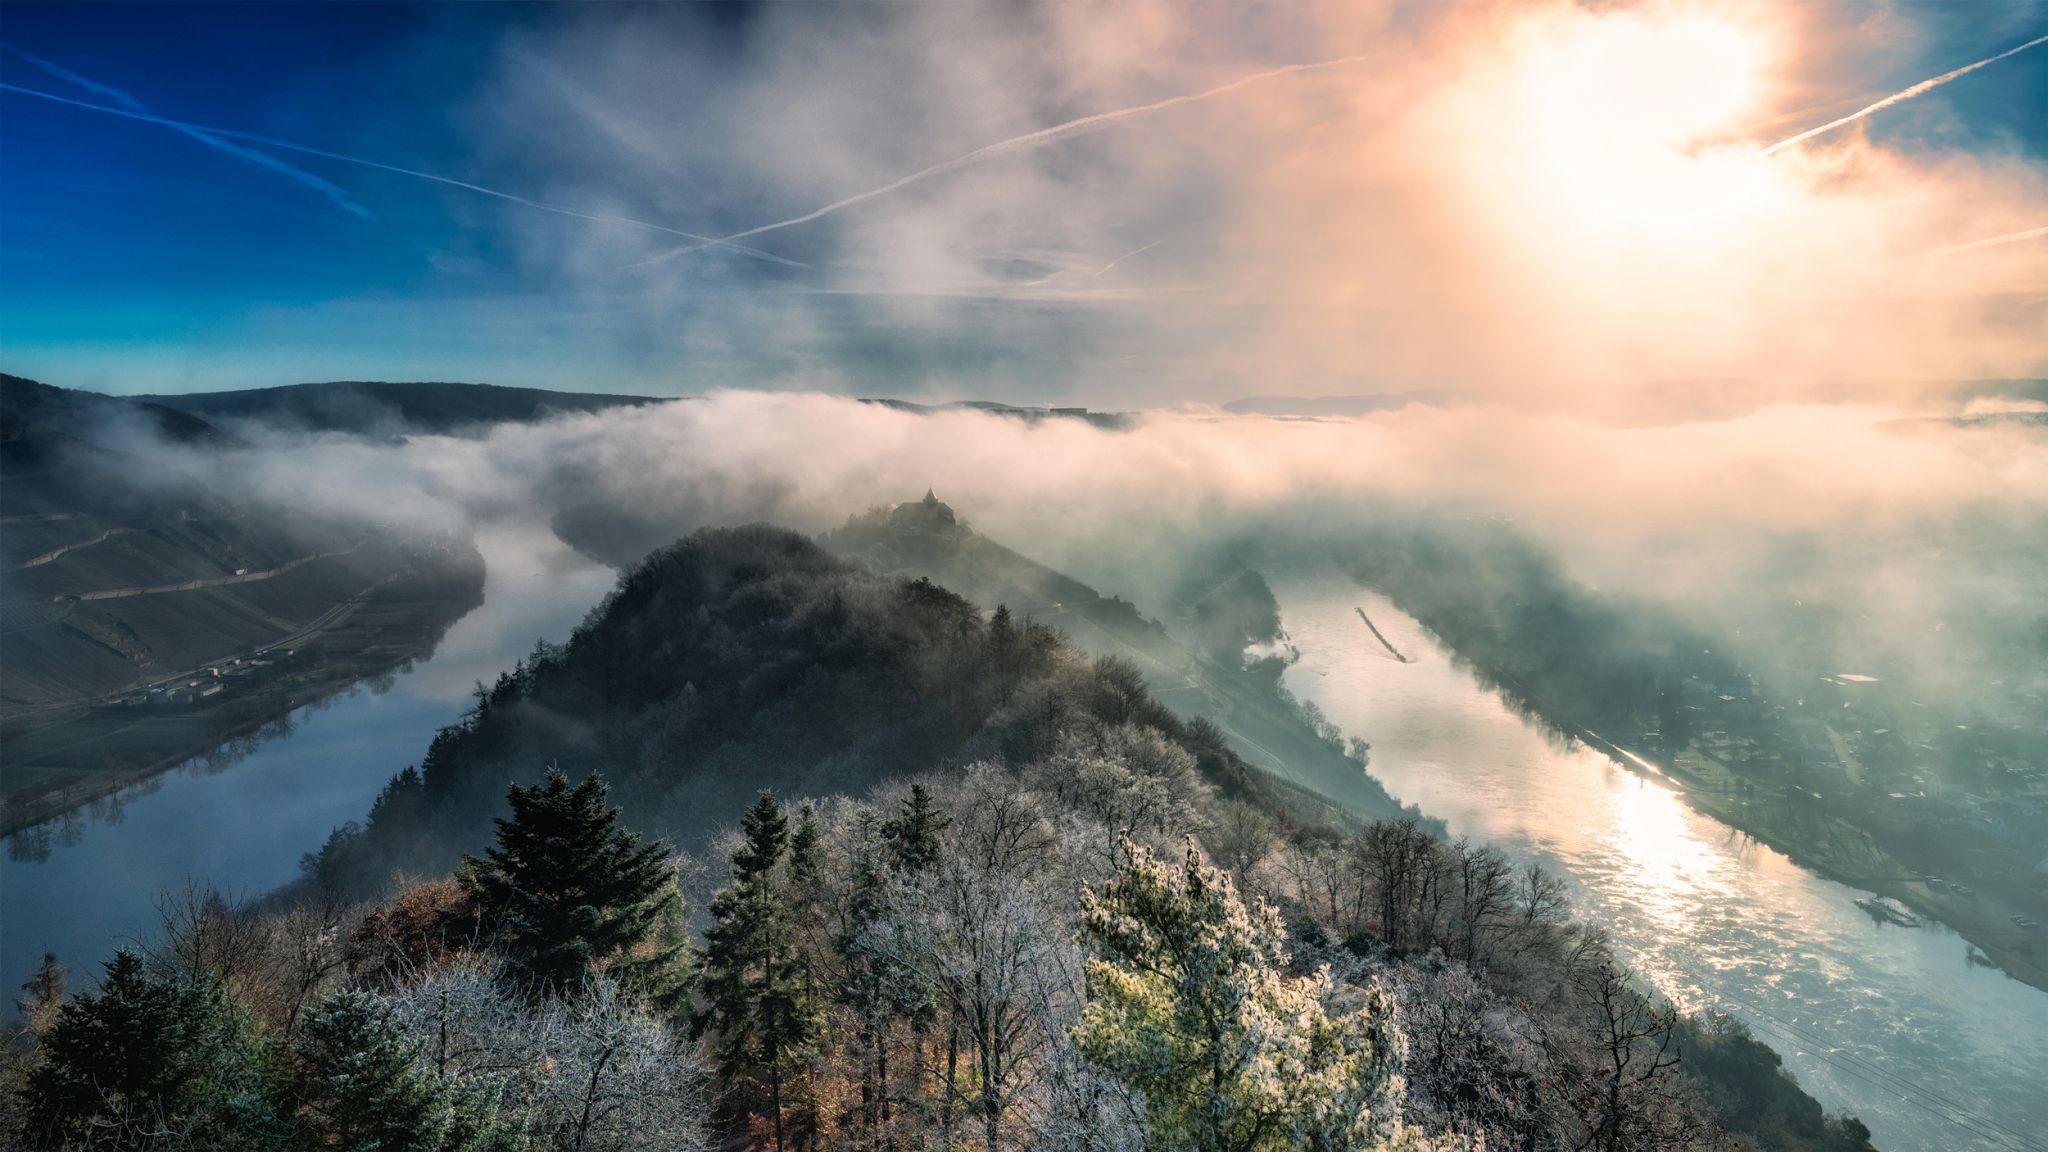 Prinzenkopfturm, Germany